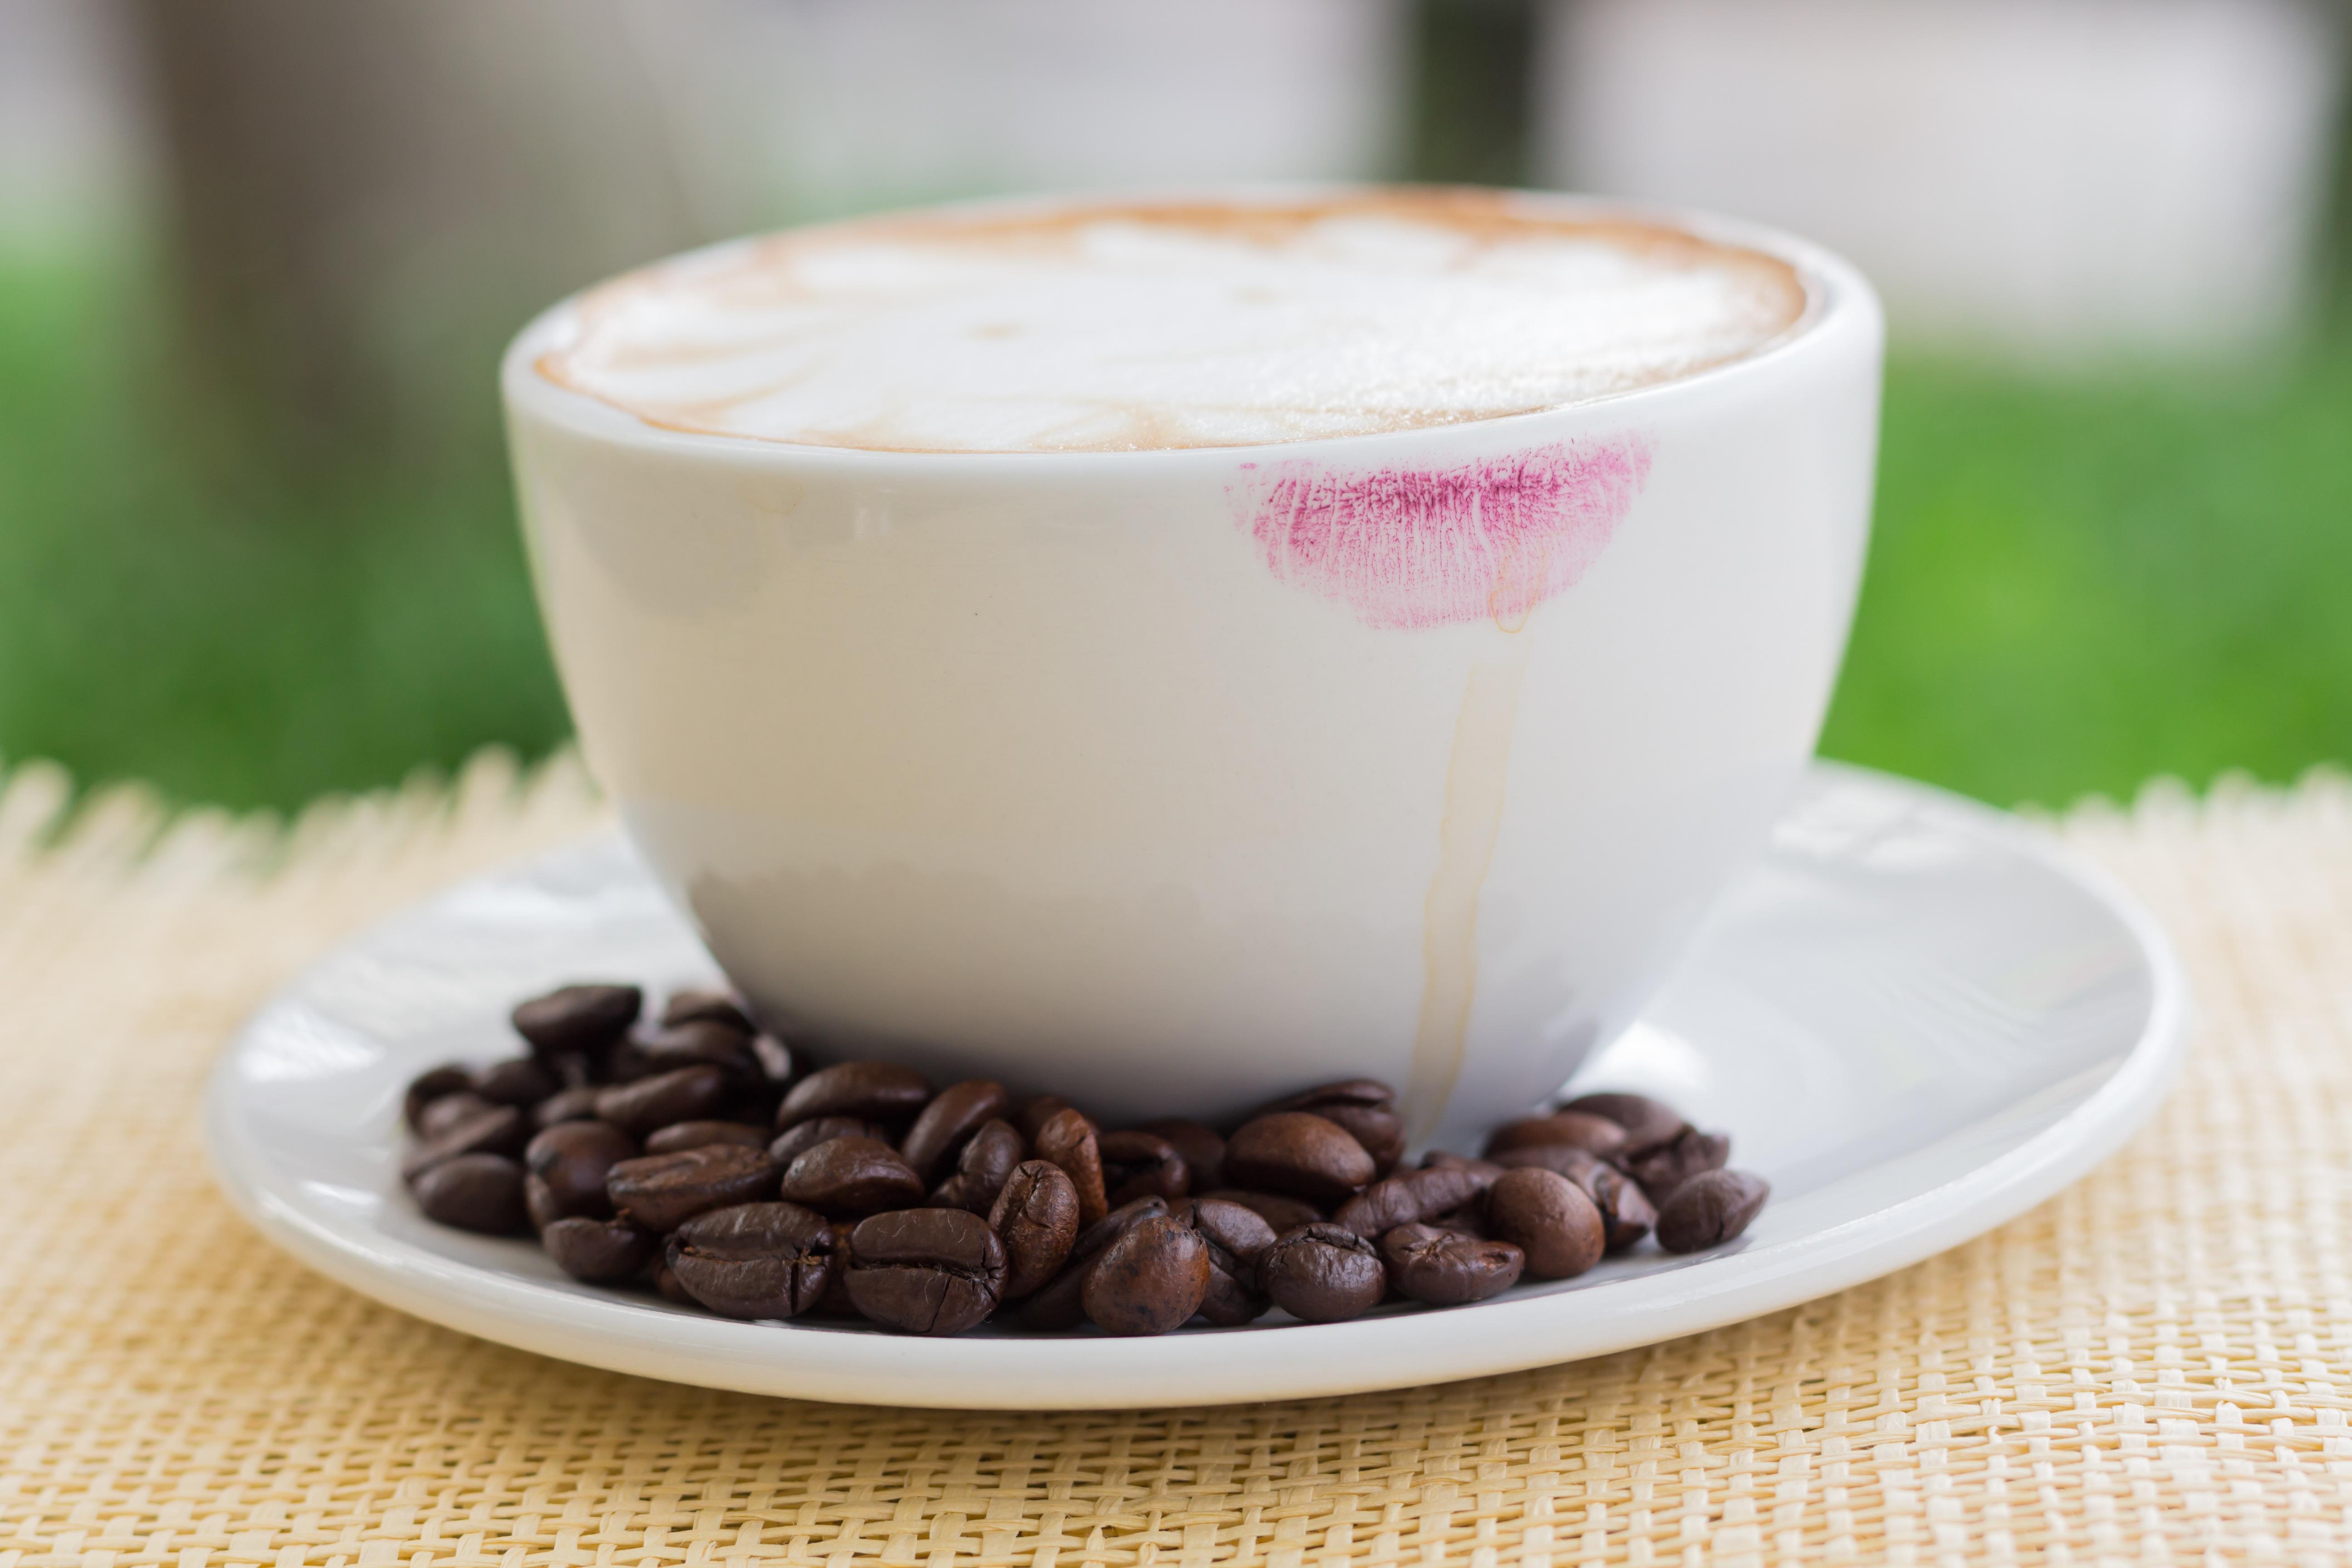 Gambar manis latte cappuccino pola makan makanan bersantai gambar manis latte cappuccino pola makan makanan bersantai menghasilkan minuman minum wanita sarapan susu espreso cangkir kopi lezat thecheapjerseys Images